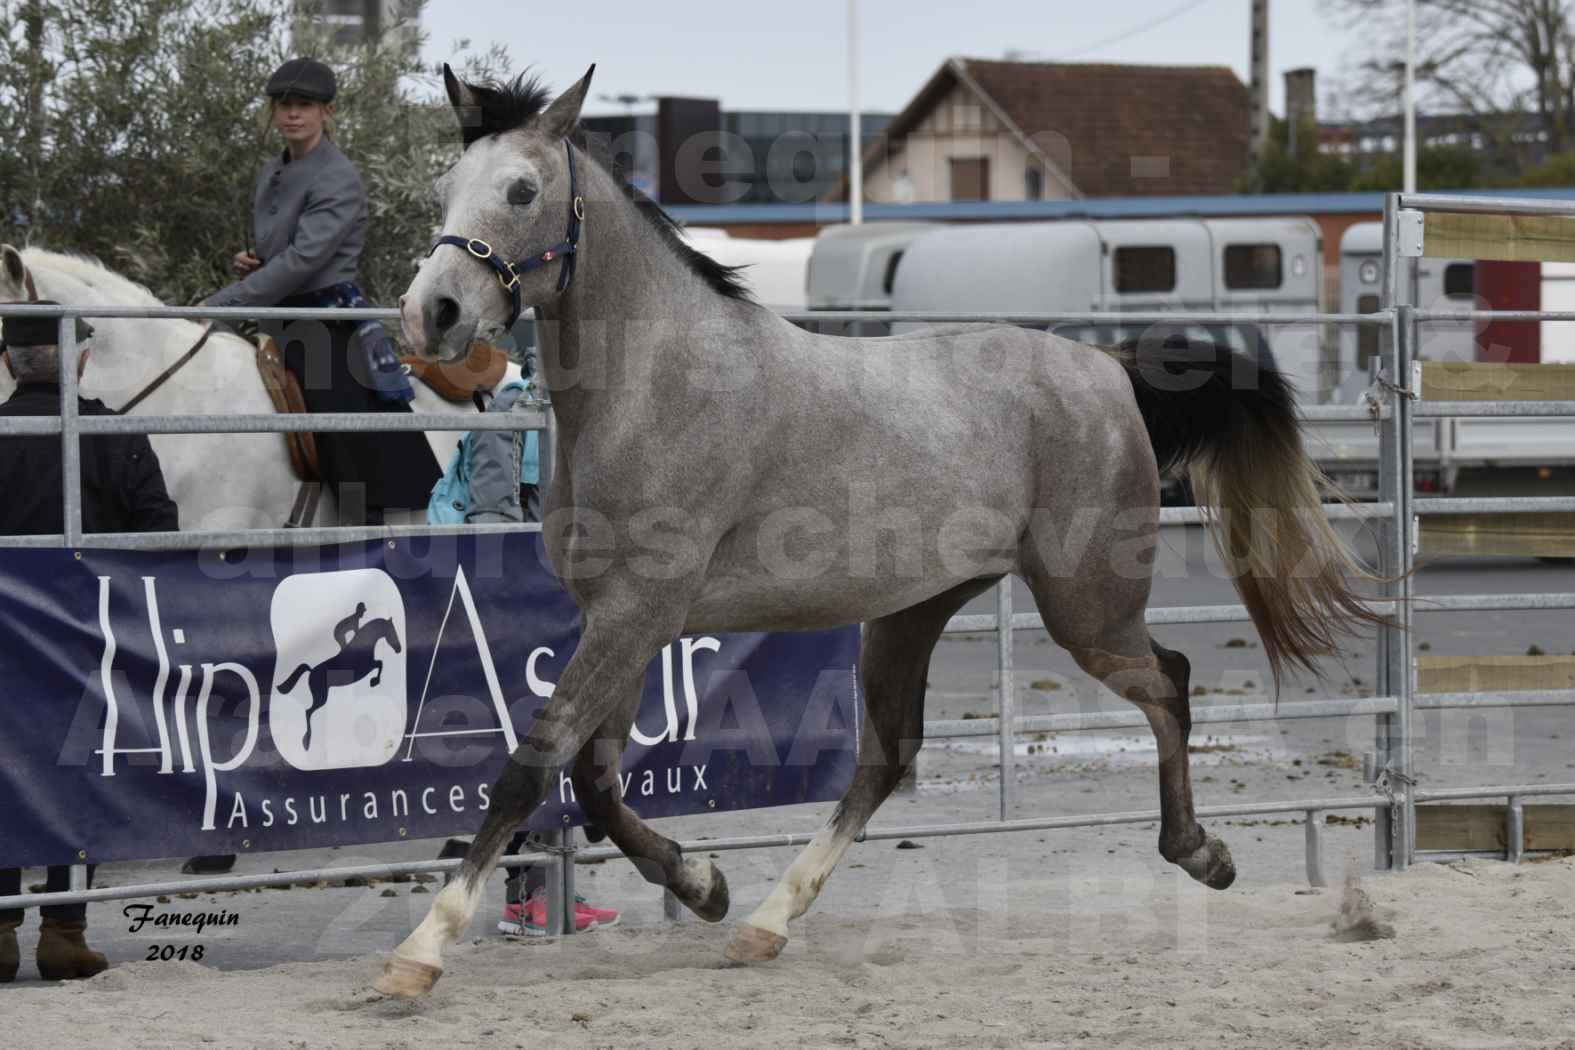 Concours d'élevage de Chevaux Arabes - D. S. A. - A. A. - ALBI les 6 & 7 Avril 2018 - FESIHAMKA ARTAGNAN - Notre Sélection - 8